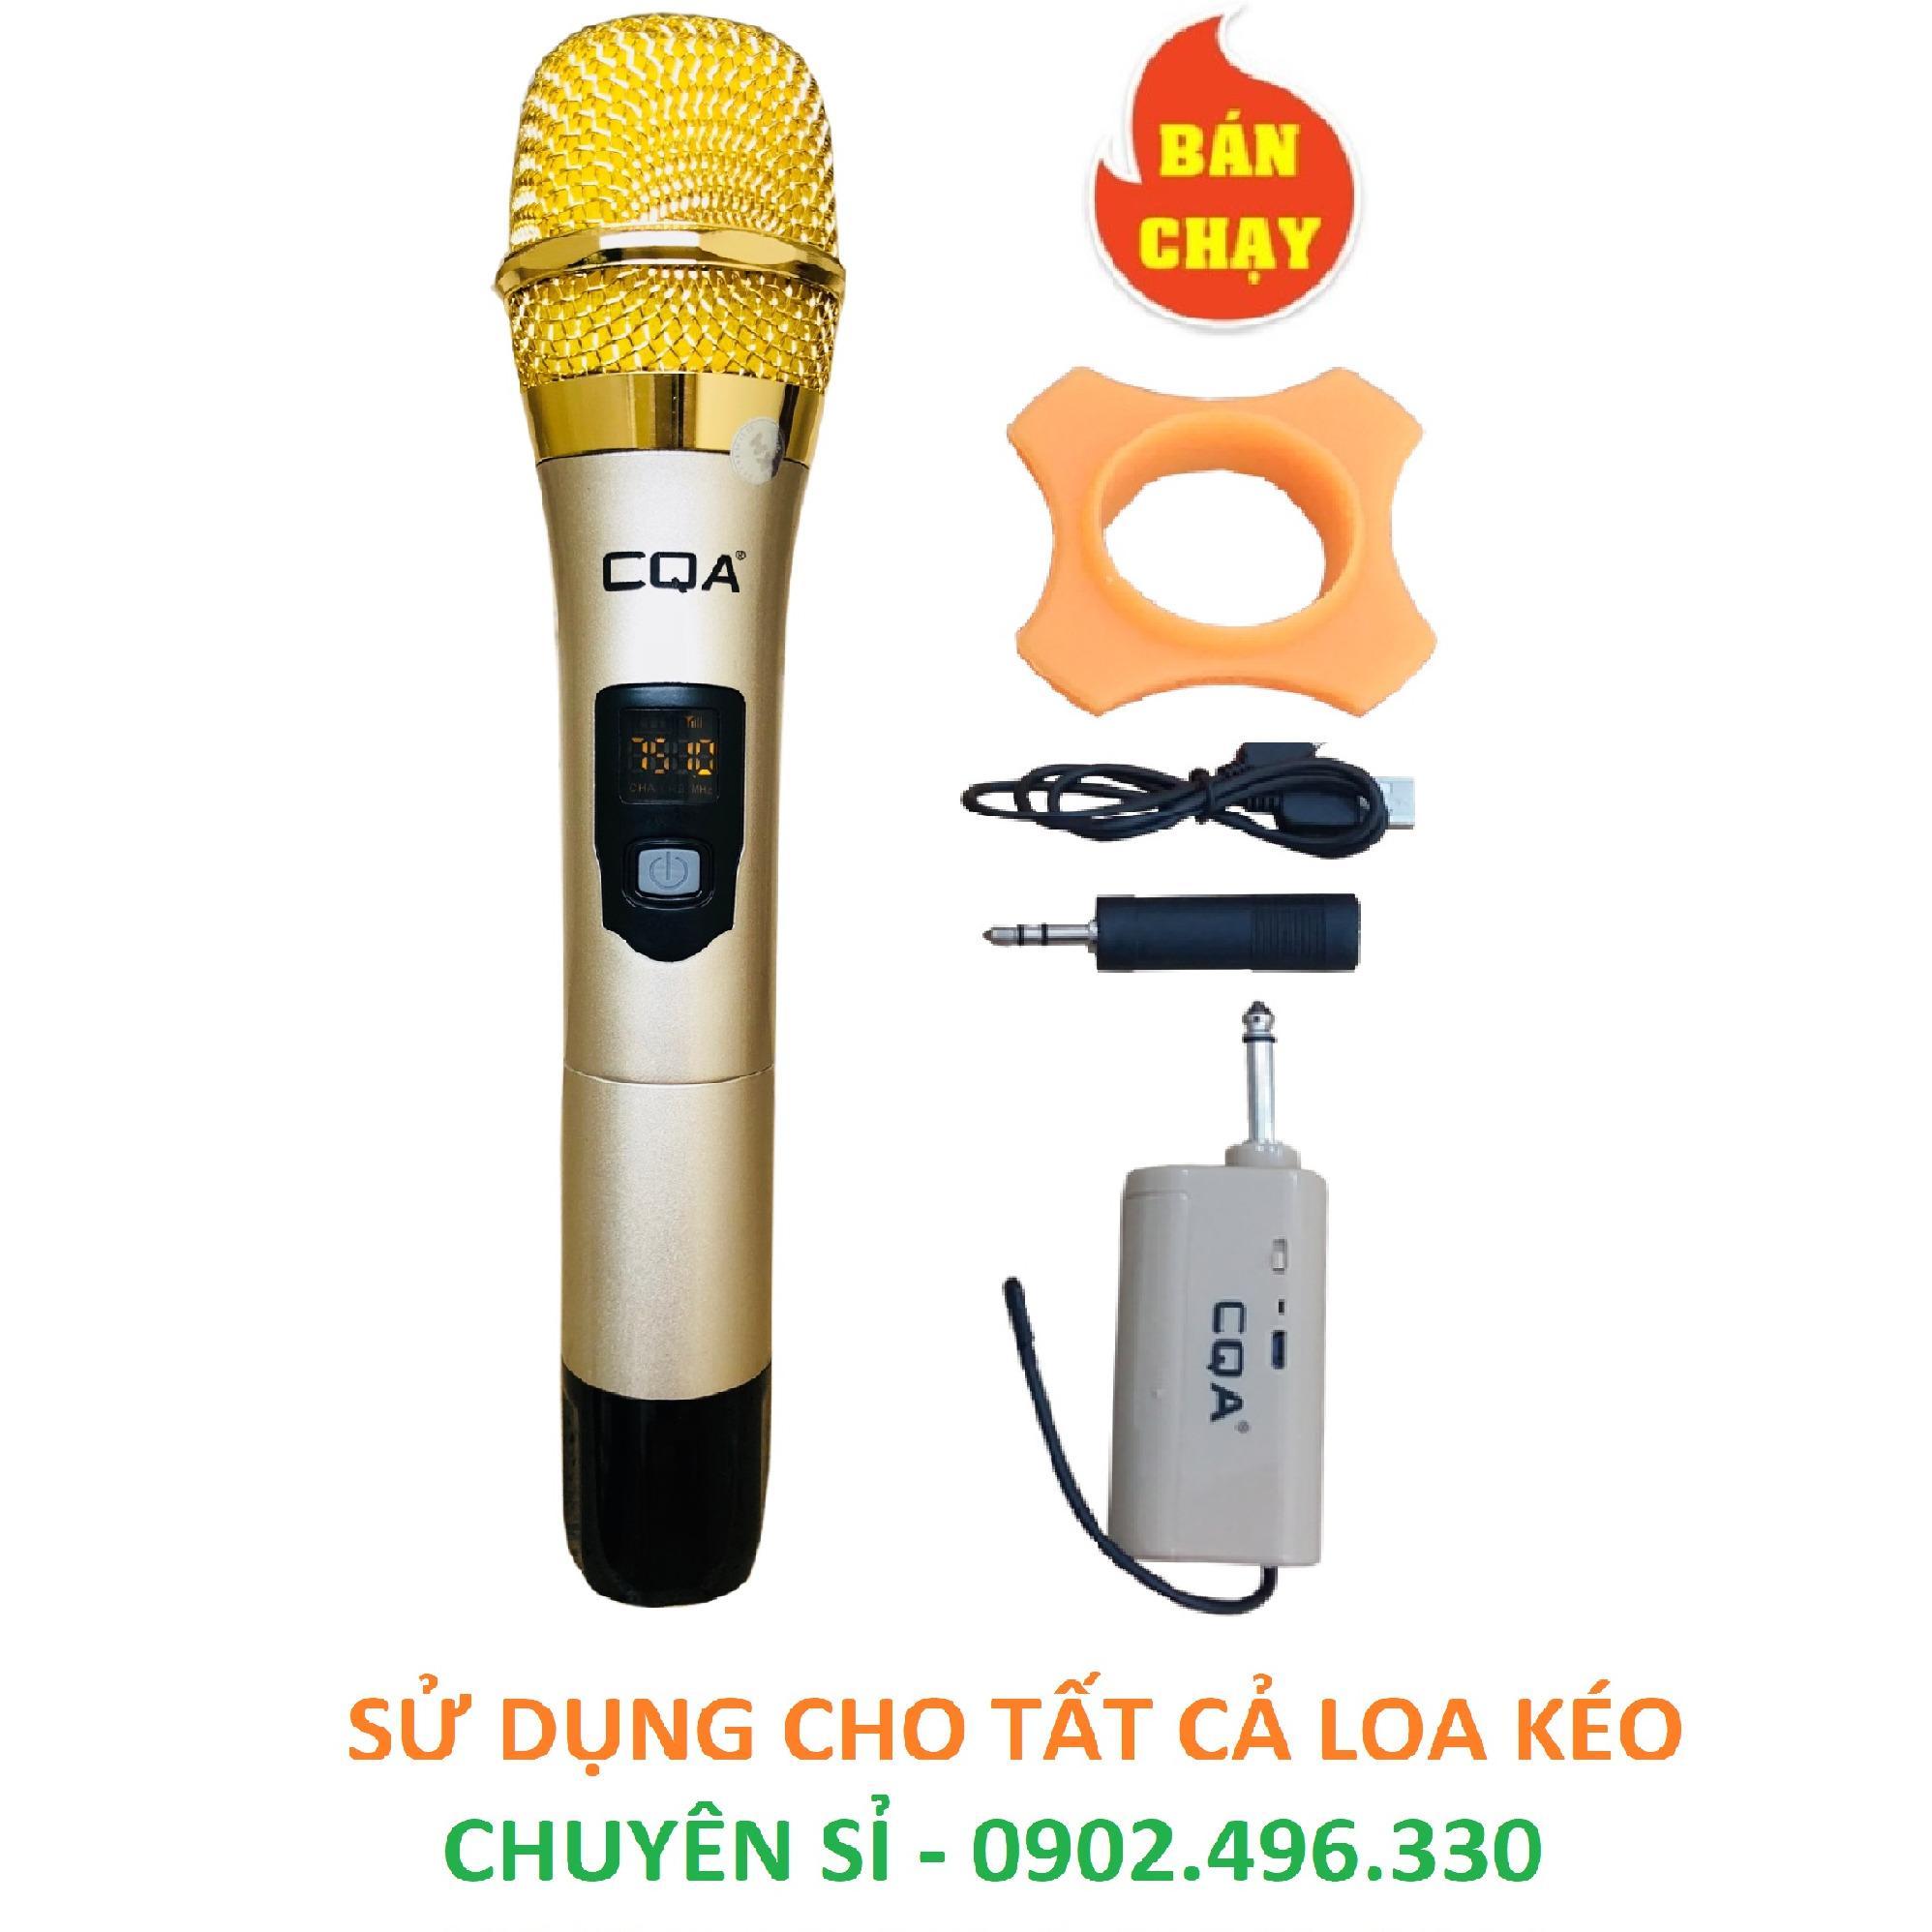 Mua Micro Đa Năng Khong Day Cqa Q 005 Hut Song Tốt Hat Cực Nhẹ Trực Tuyến Rẻ